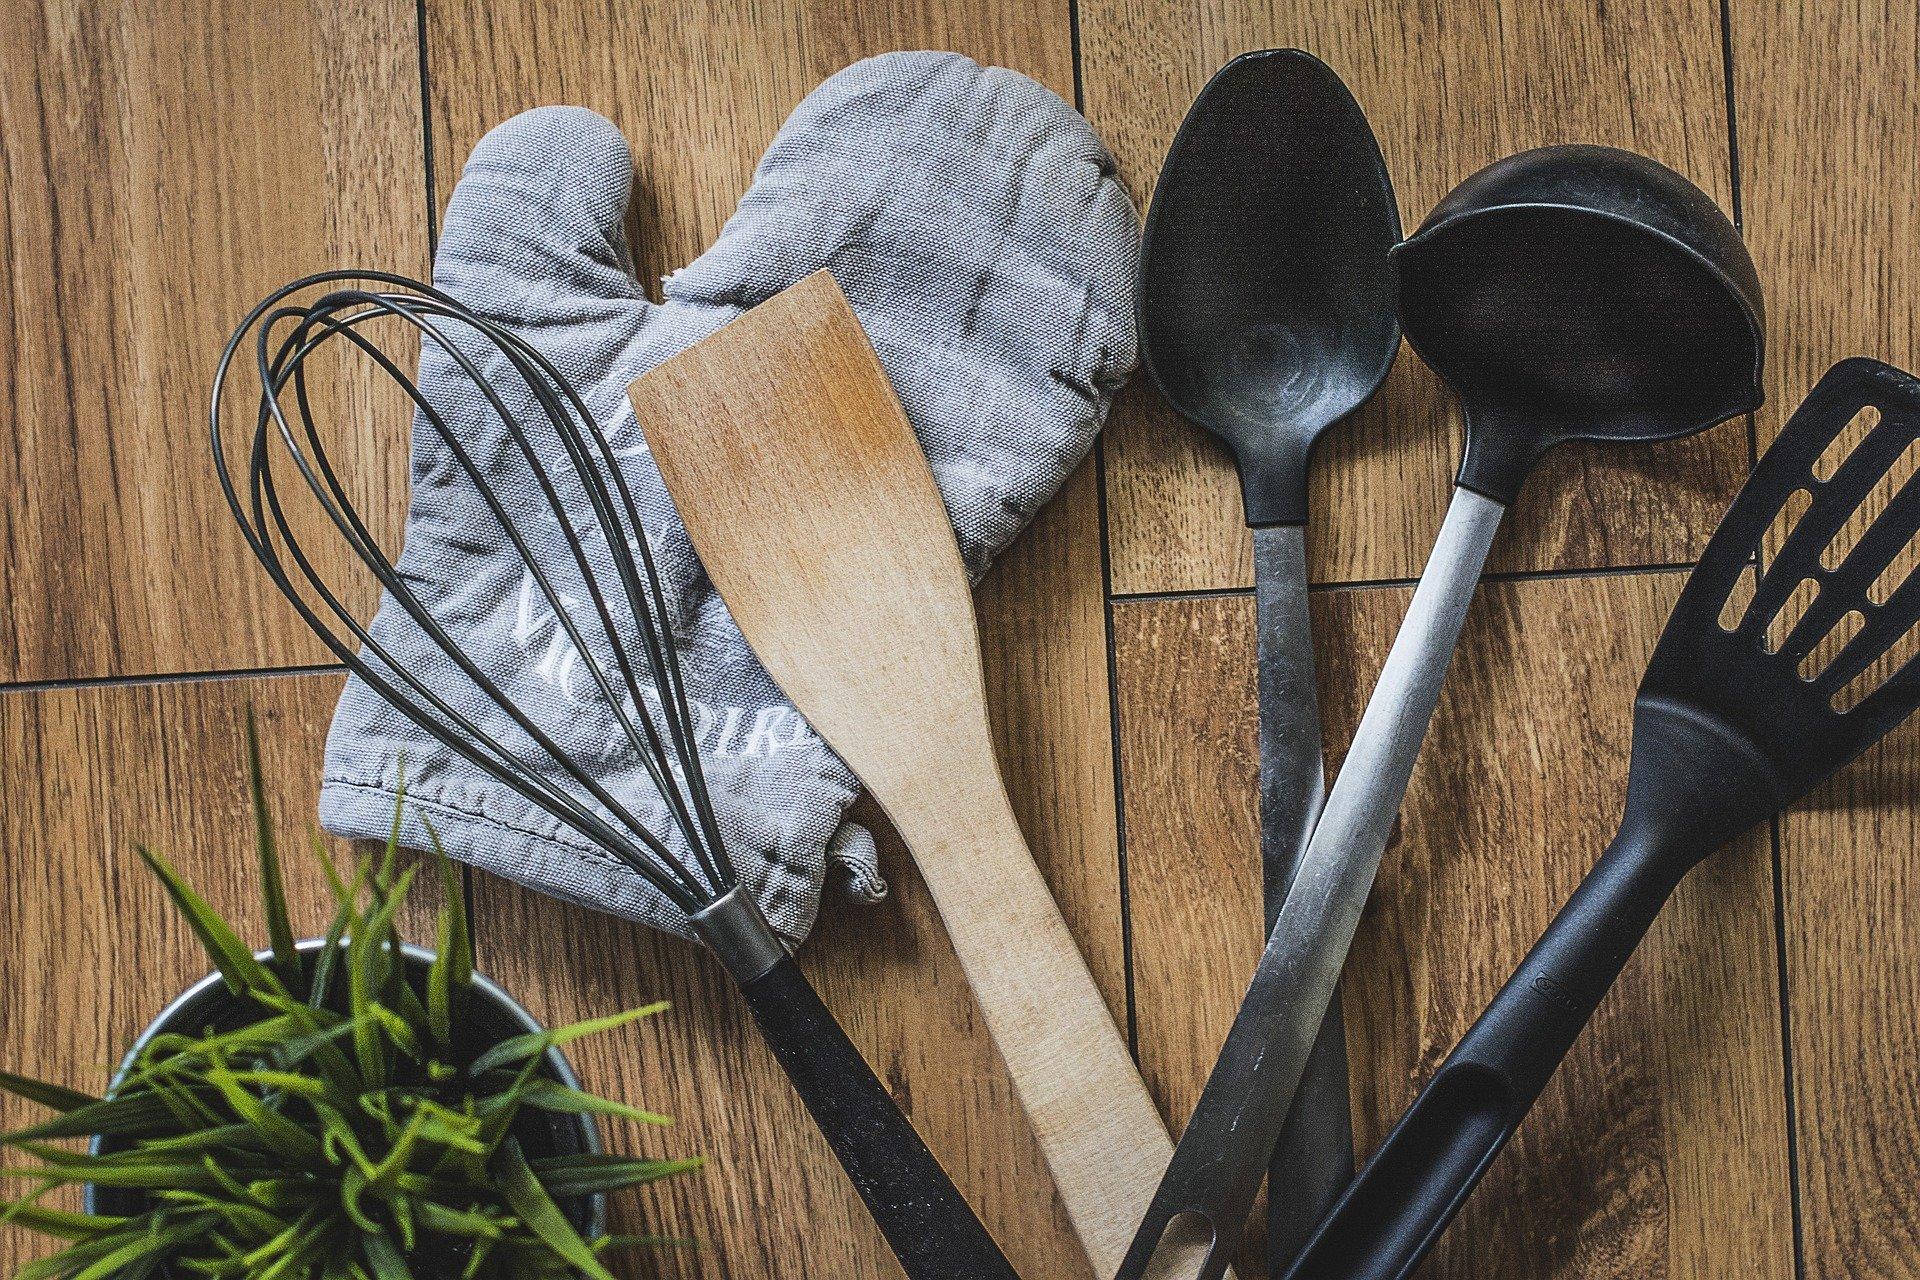 Foto de uma luva de cozinha em cima de um balcão, acompanhada de algumas colher e utensílios domésticos, além de um vaso de planta.